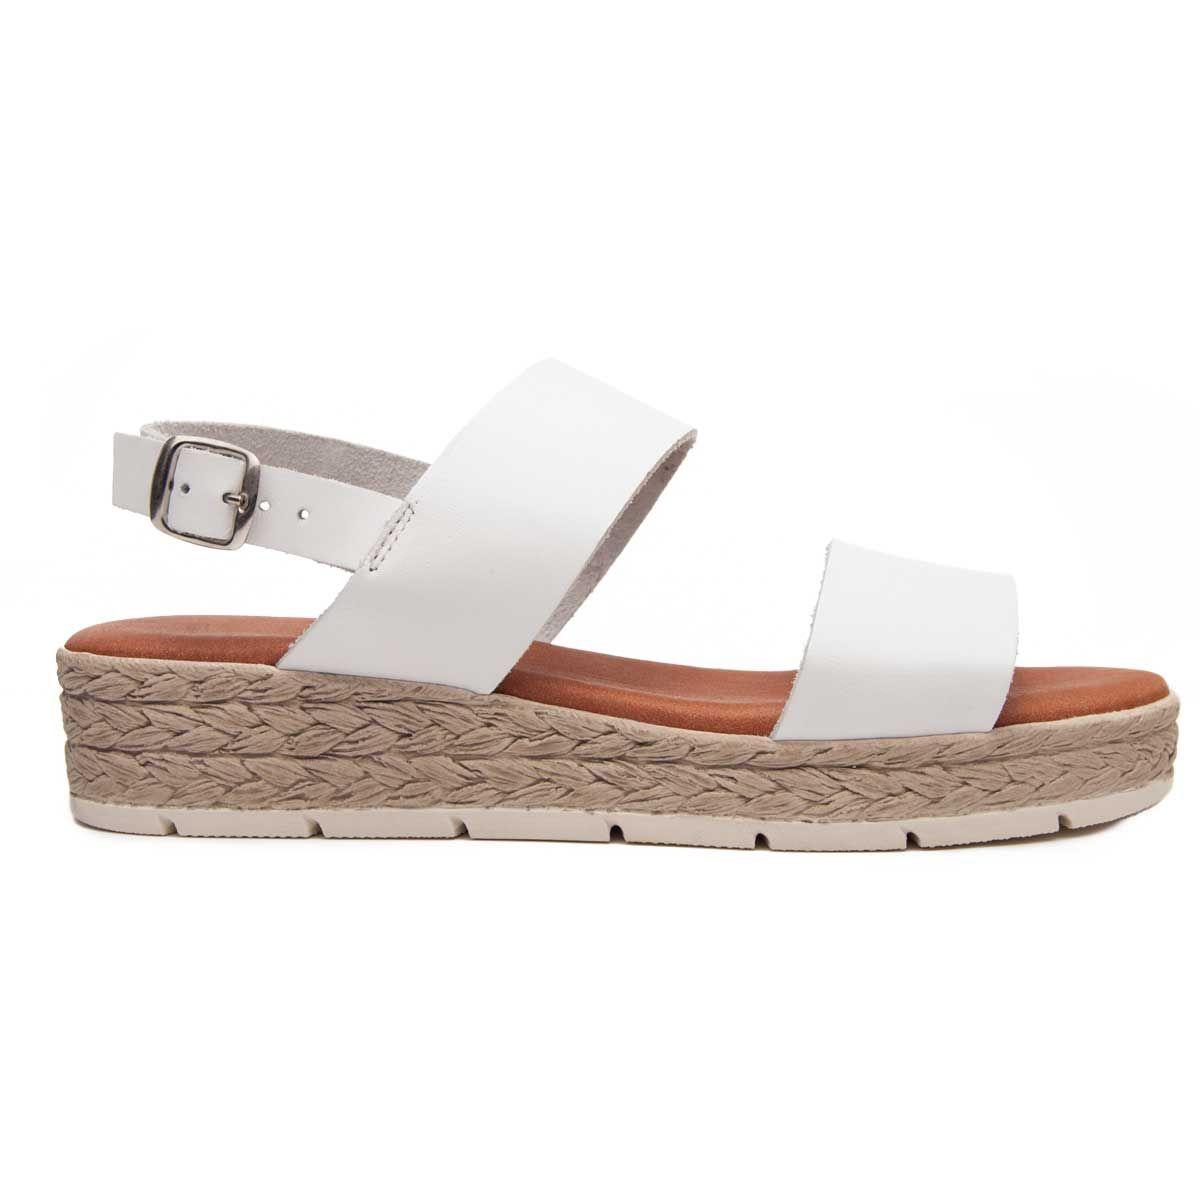 Leindia Double Strap Flat Sandal in White